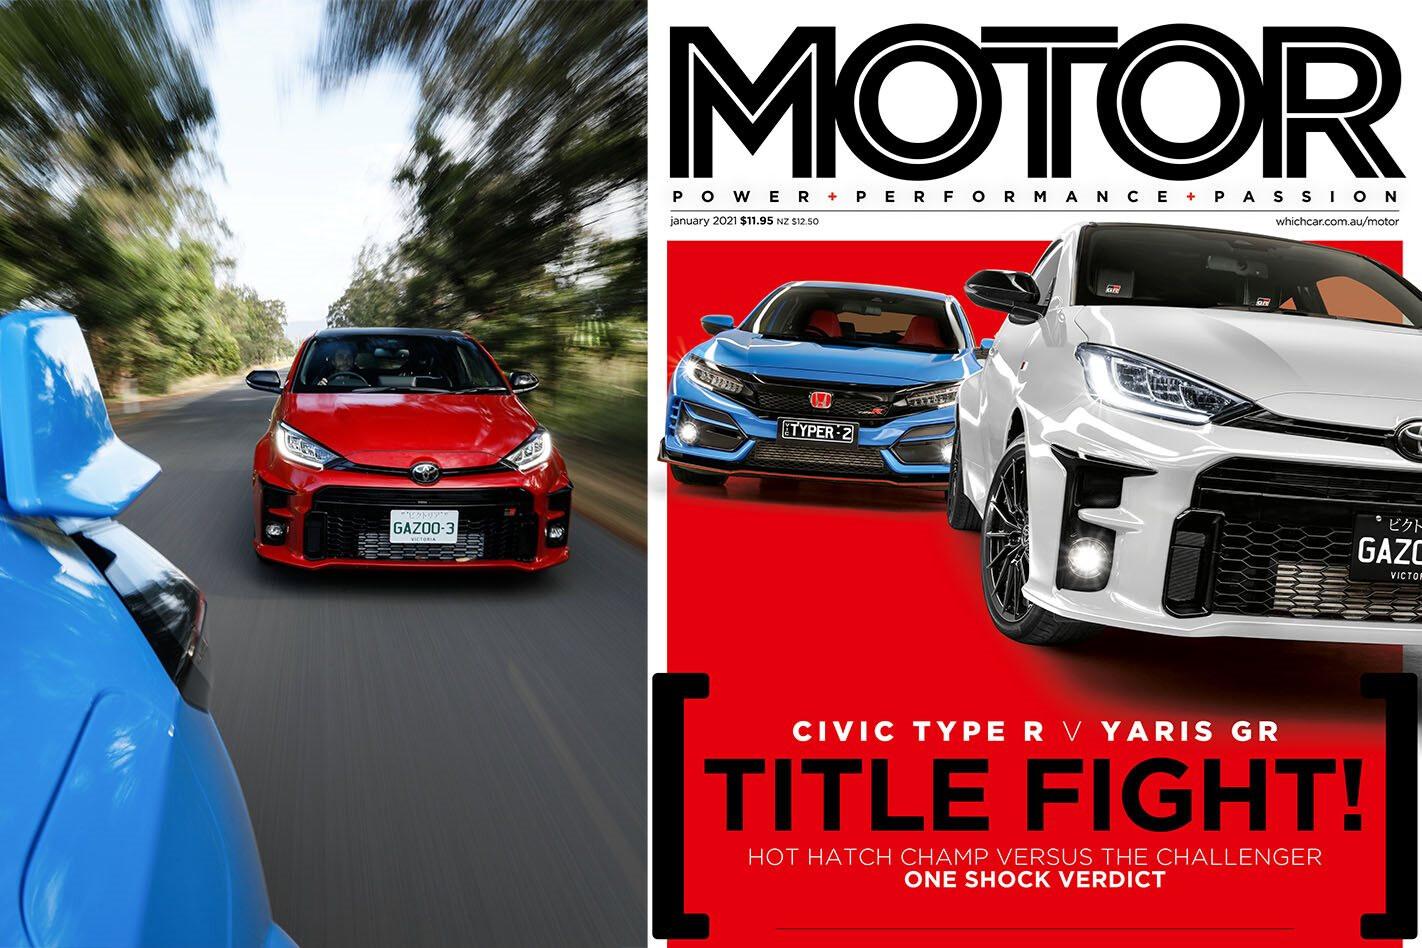 MOTOR magazine Jan 2021 cover